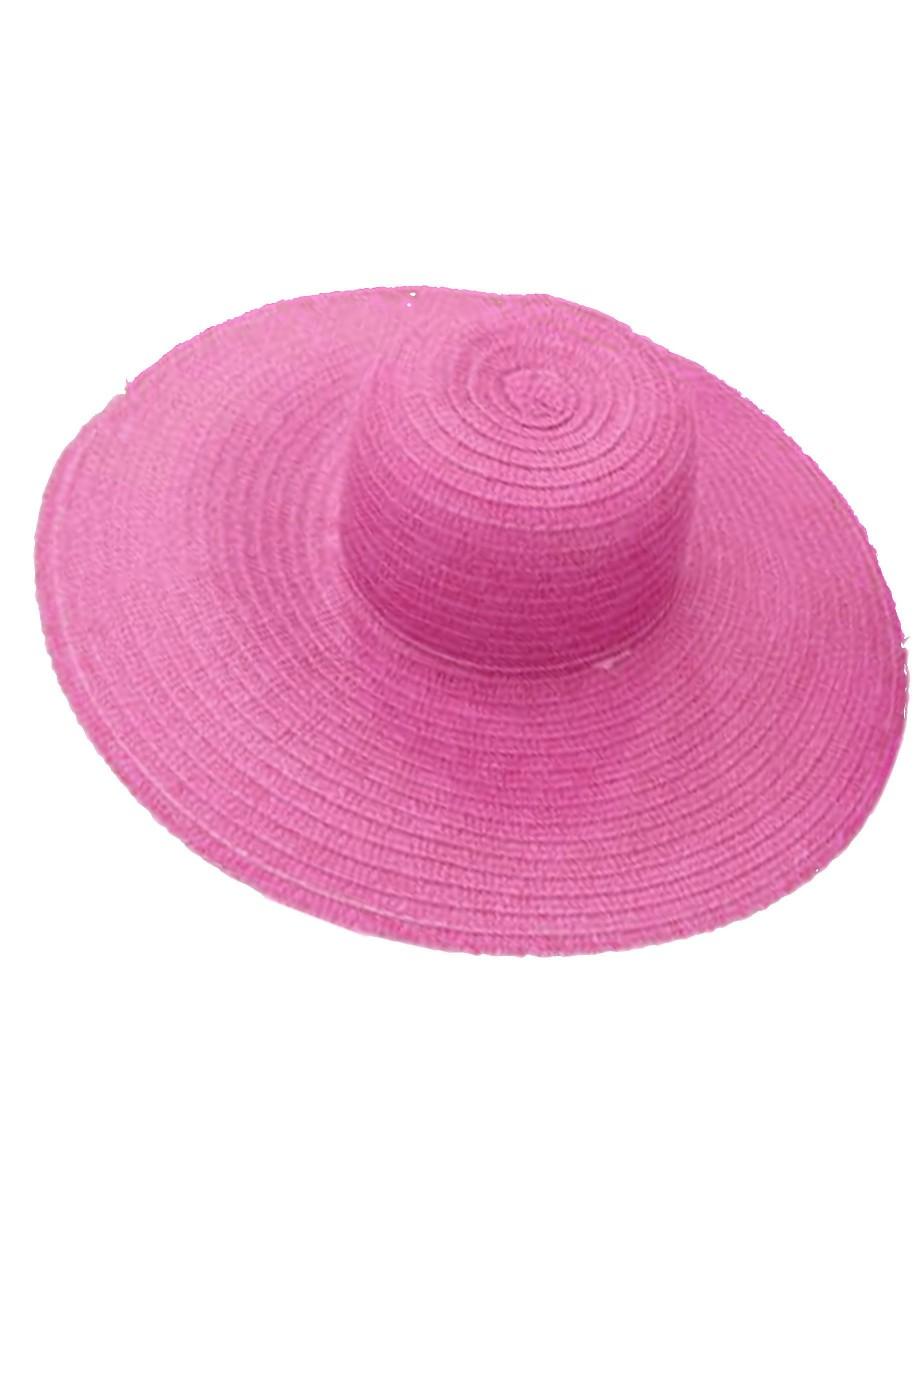 cappello in paglia morbida adulto tesa larga anche per il mare 7c96dfe89c28